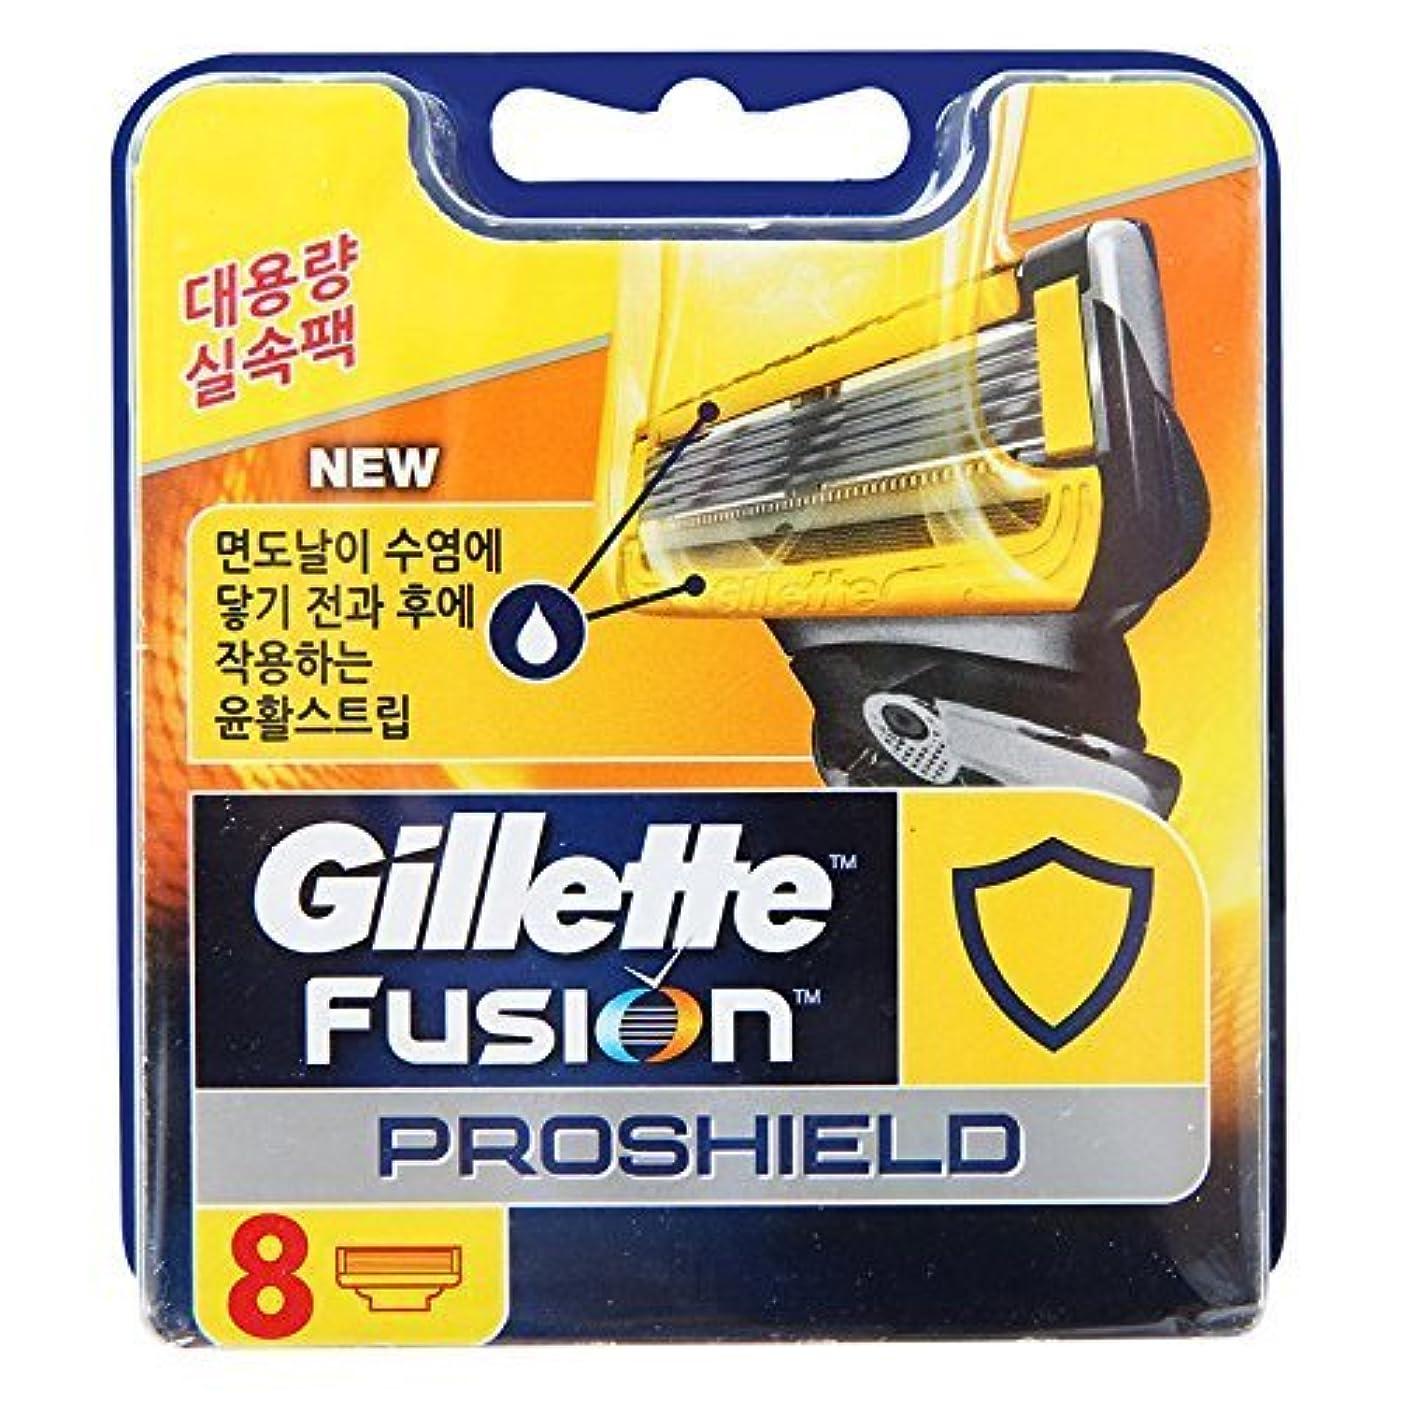 行き当たりばったりもろい拡張Gillette Fusion Proshield Yellow Men's Razor Blade 8 Pack / ドイツ製 [並行輸入品]